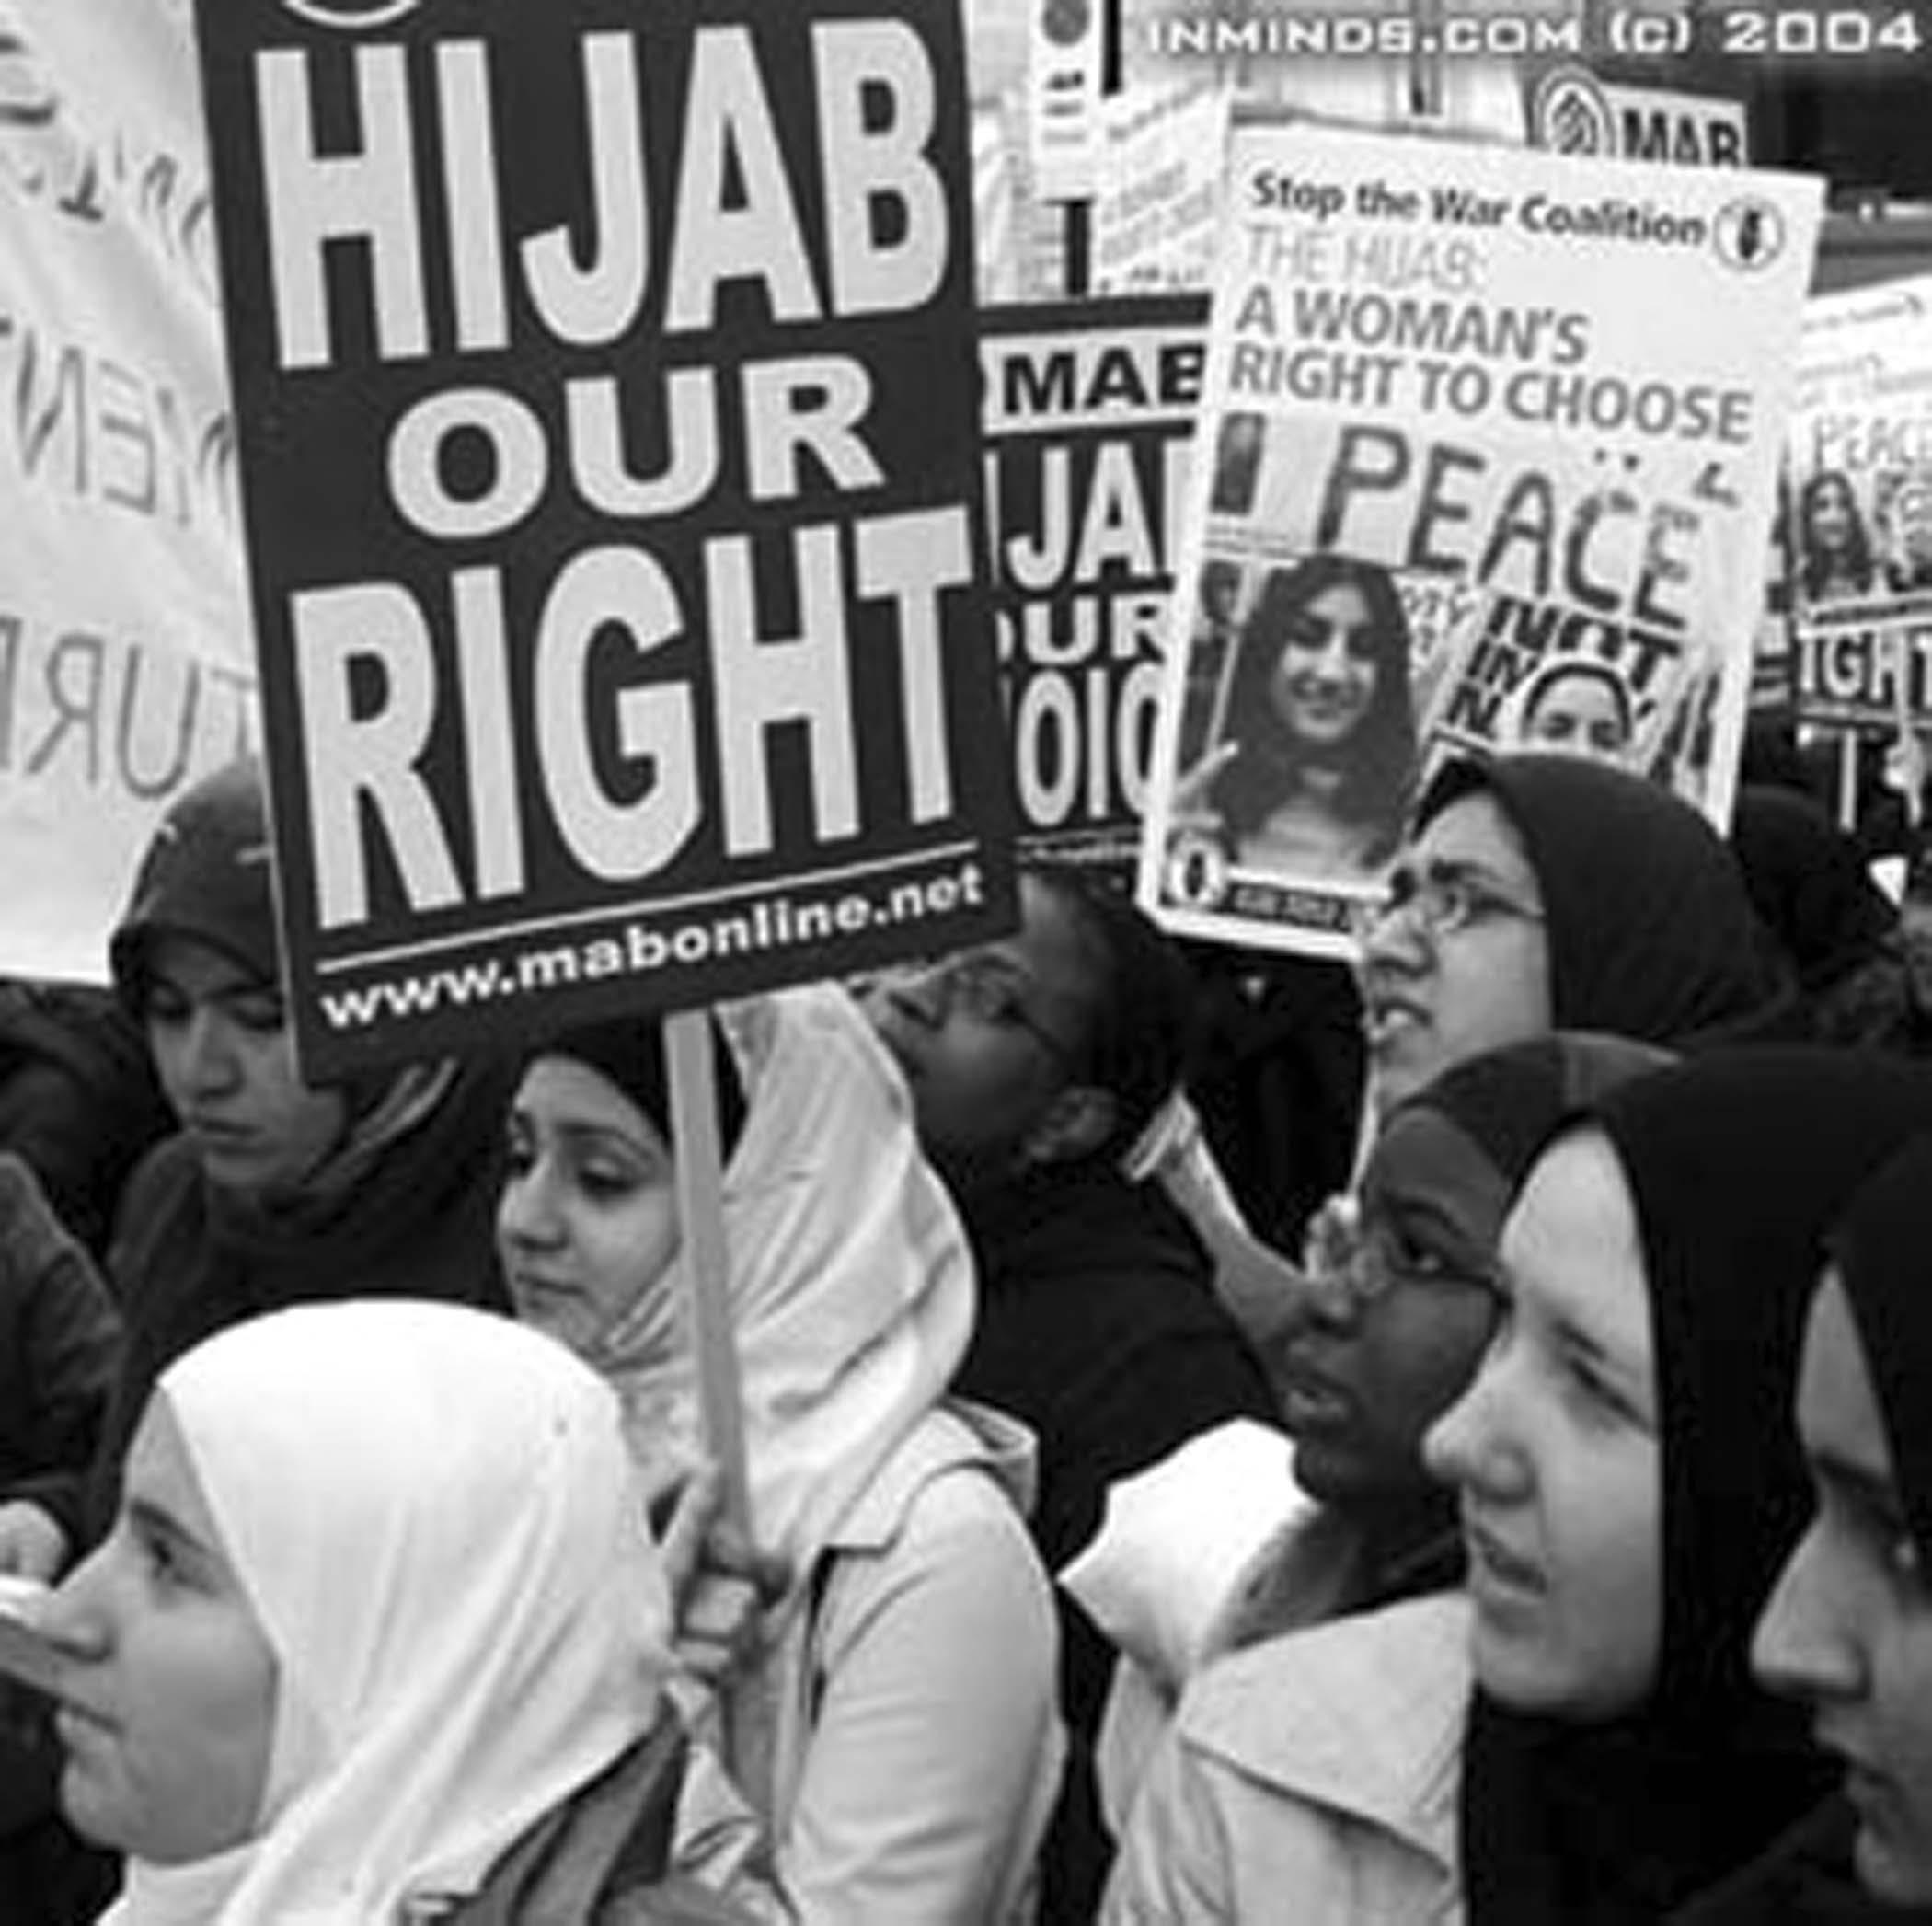 Hijab_rally